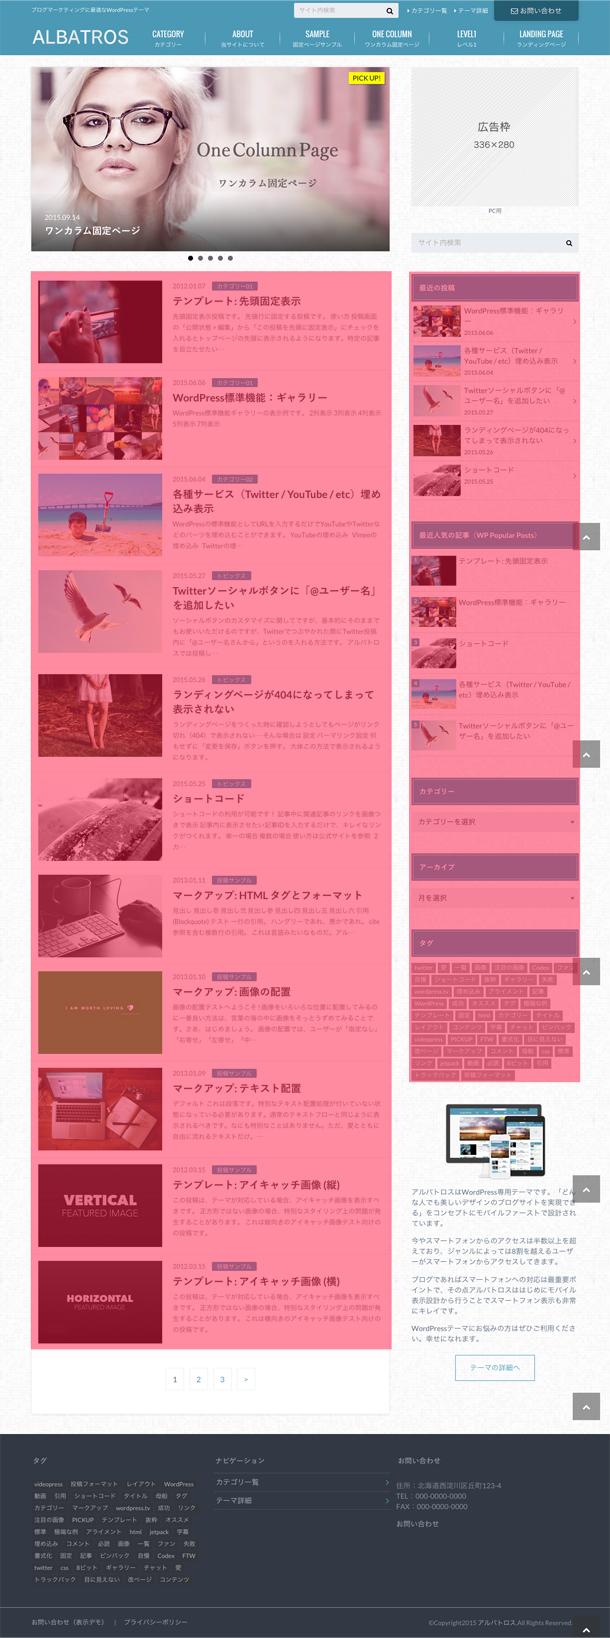 ブログの場合